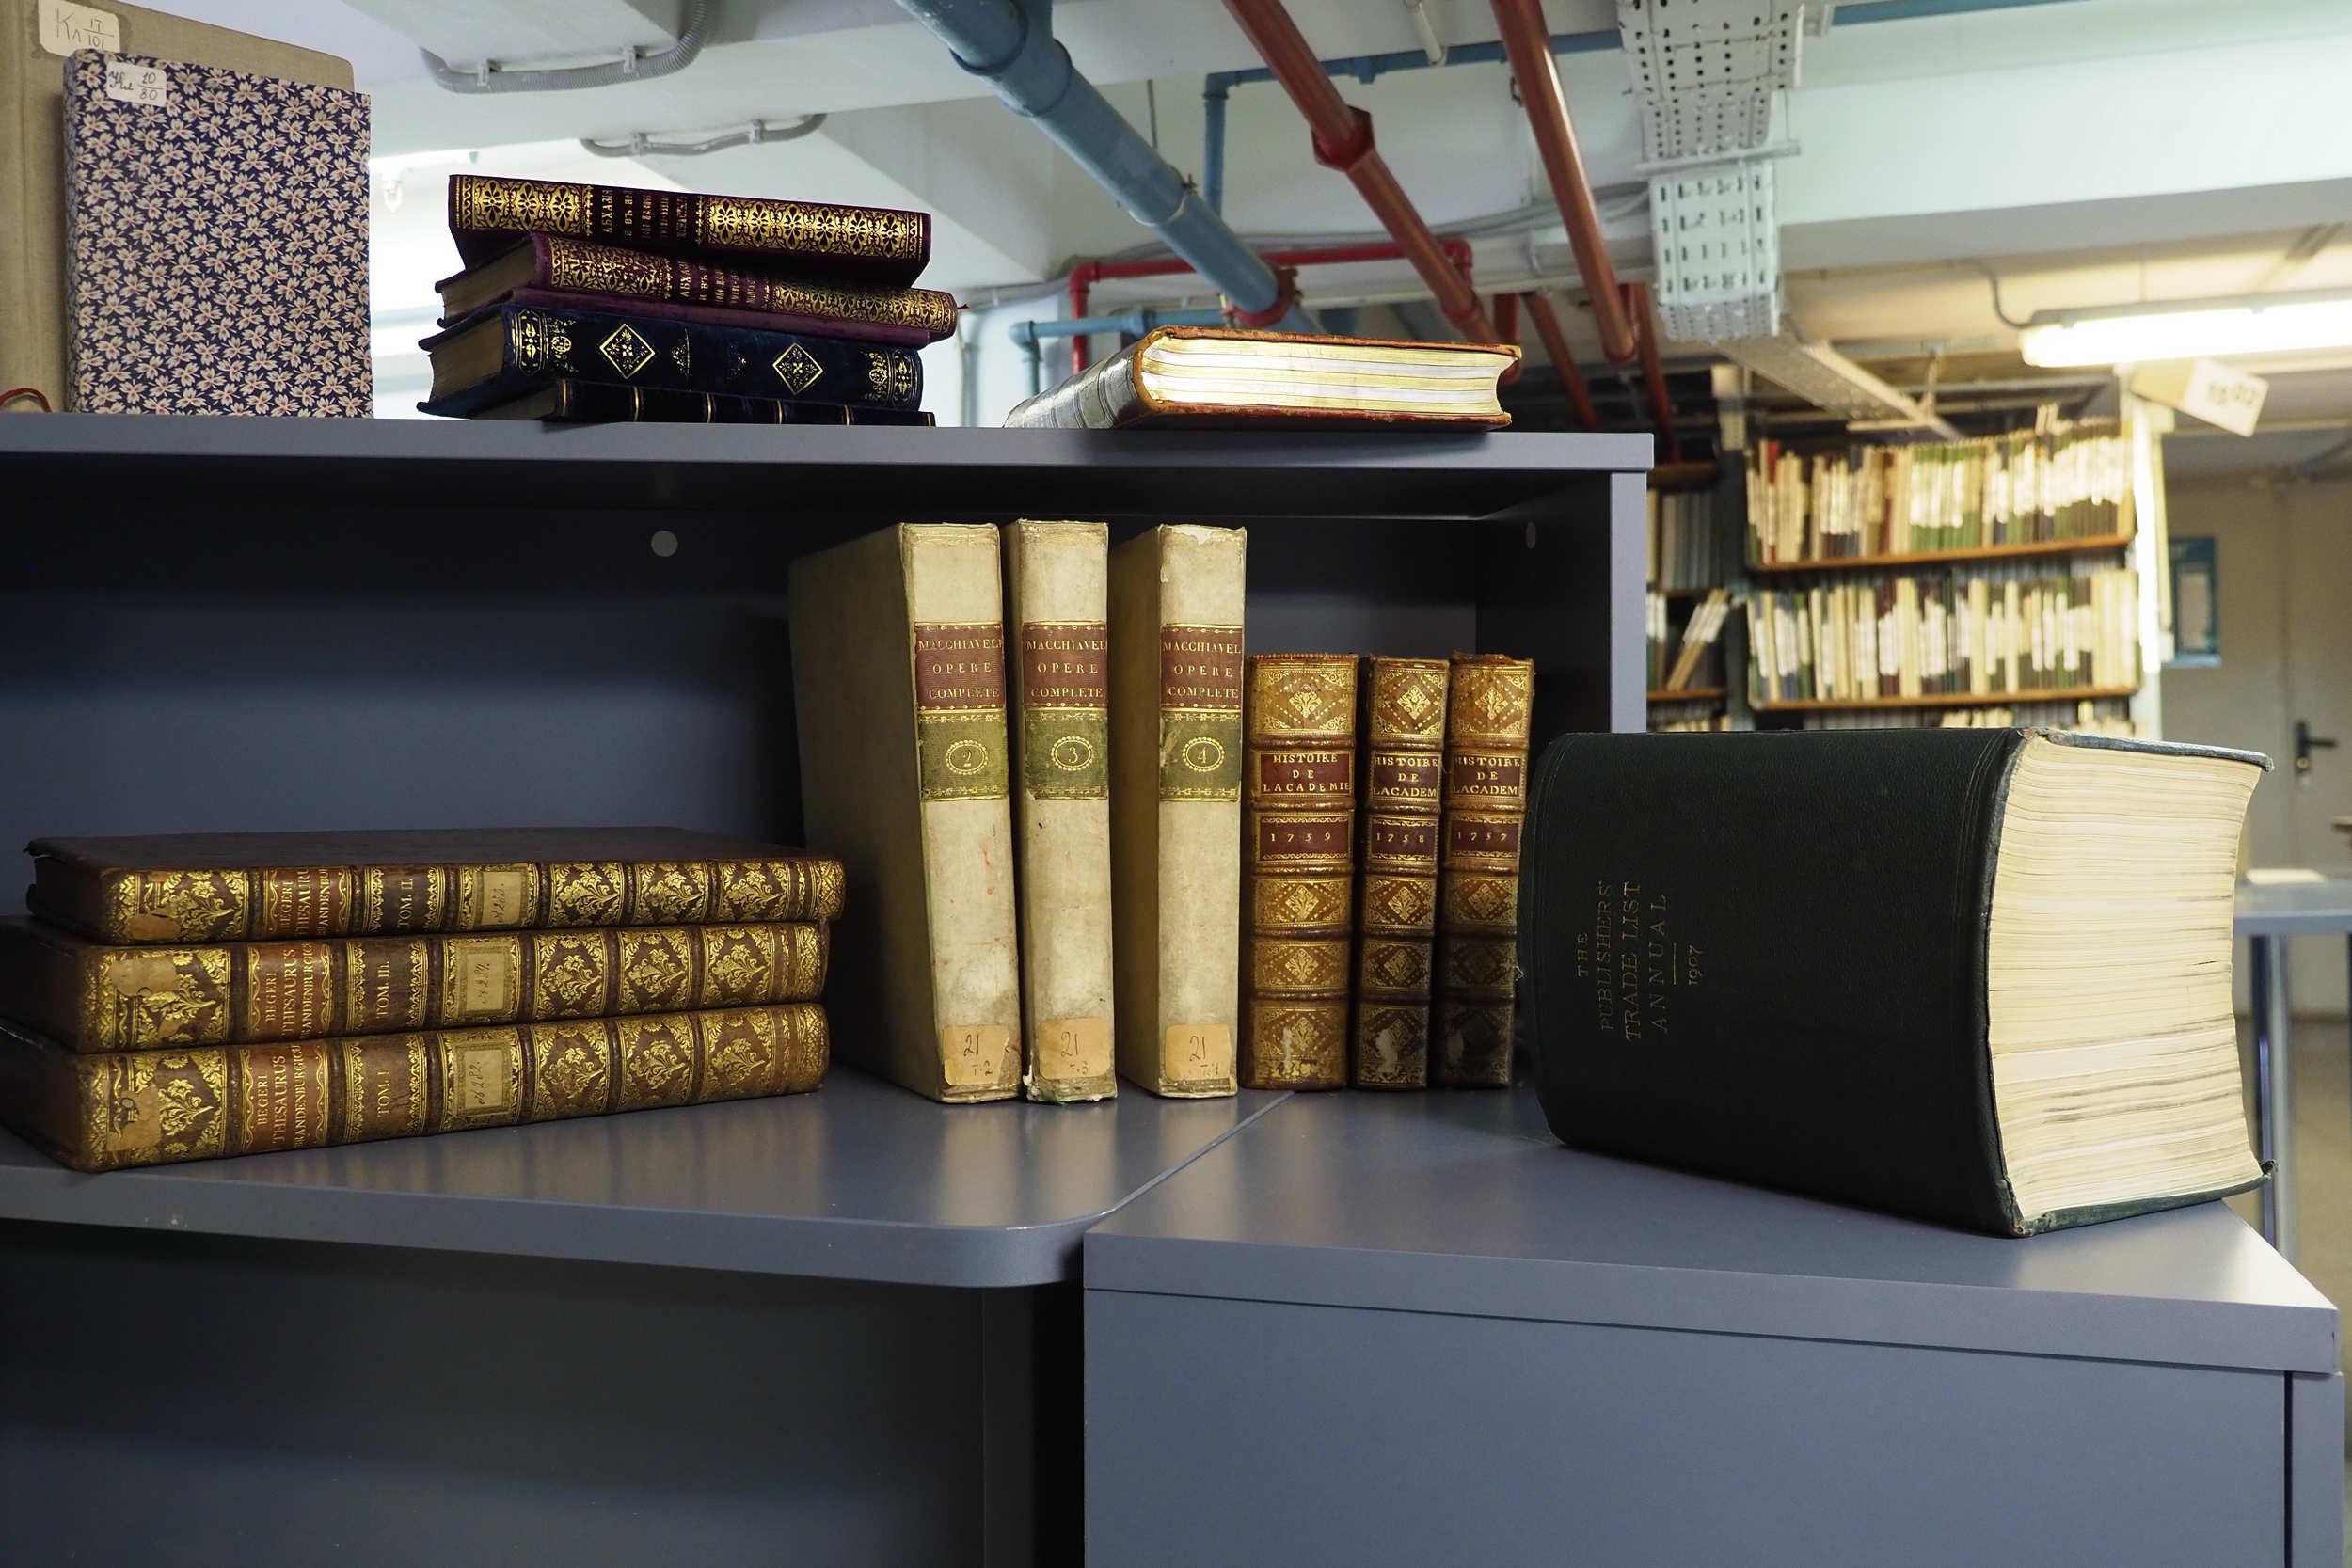 Первую умную полку установят в библиотеке Москвы